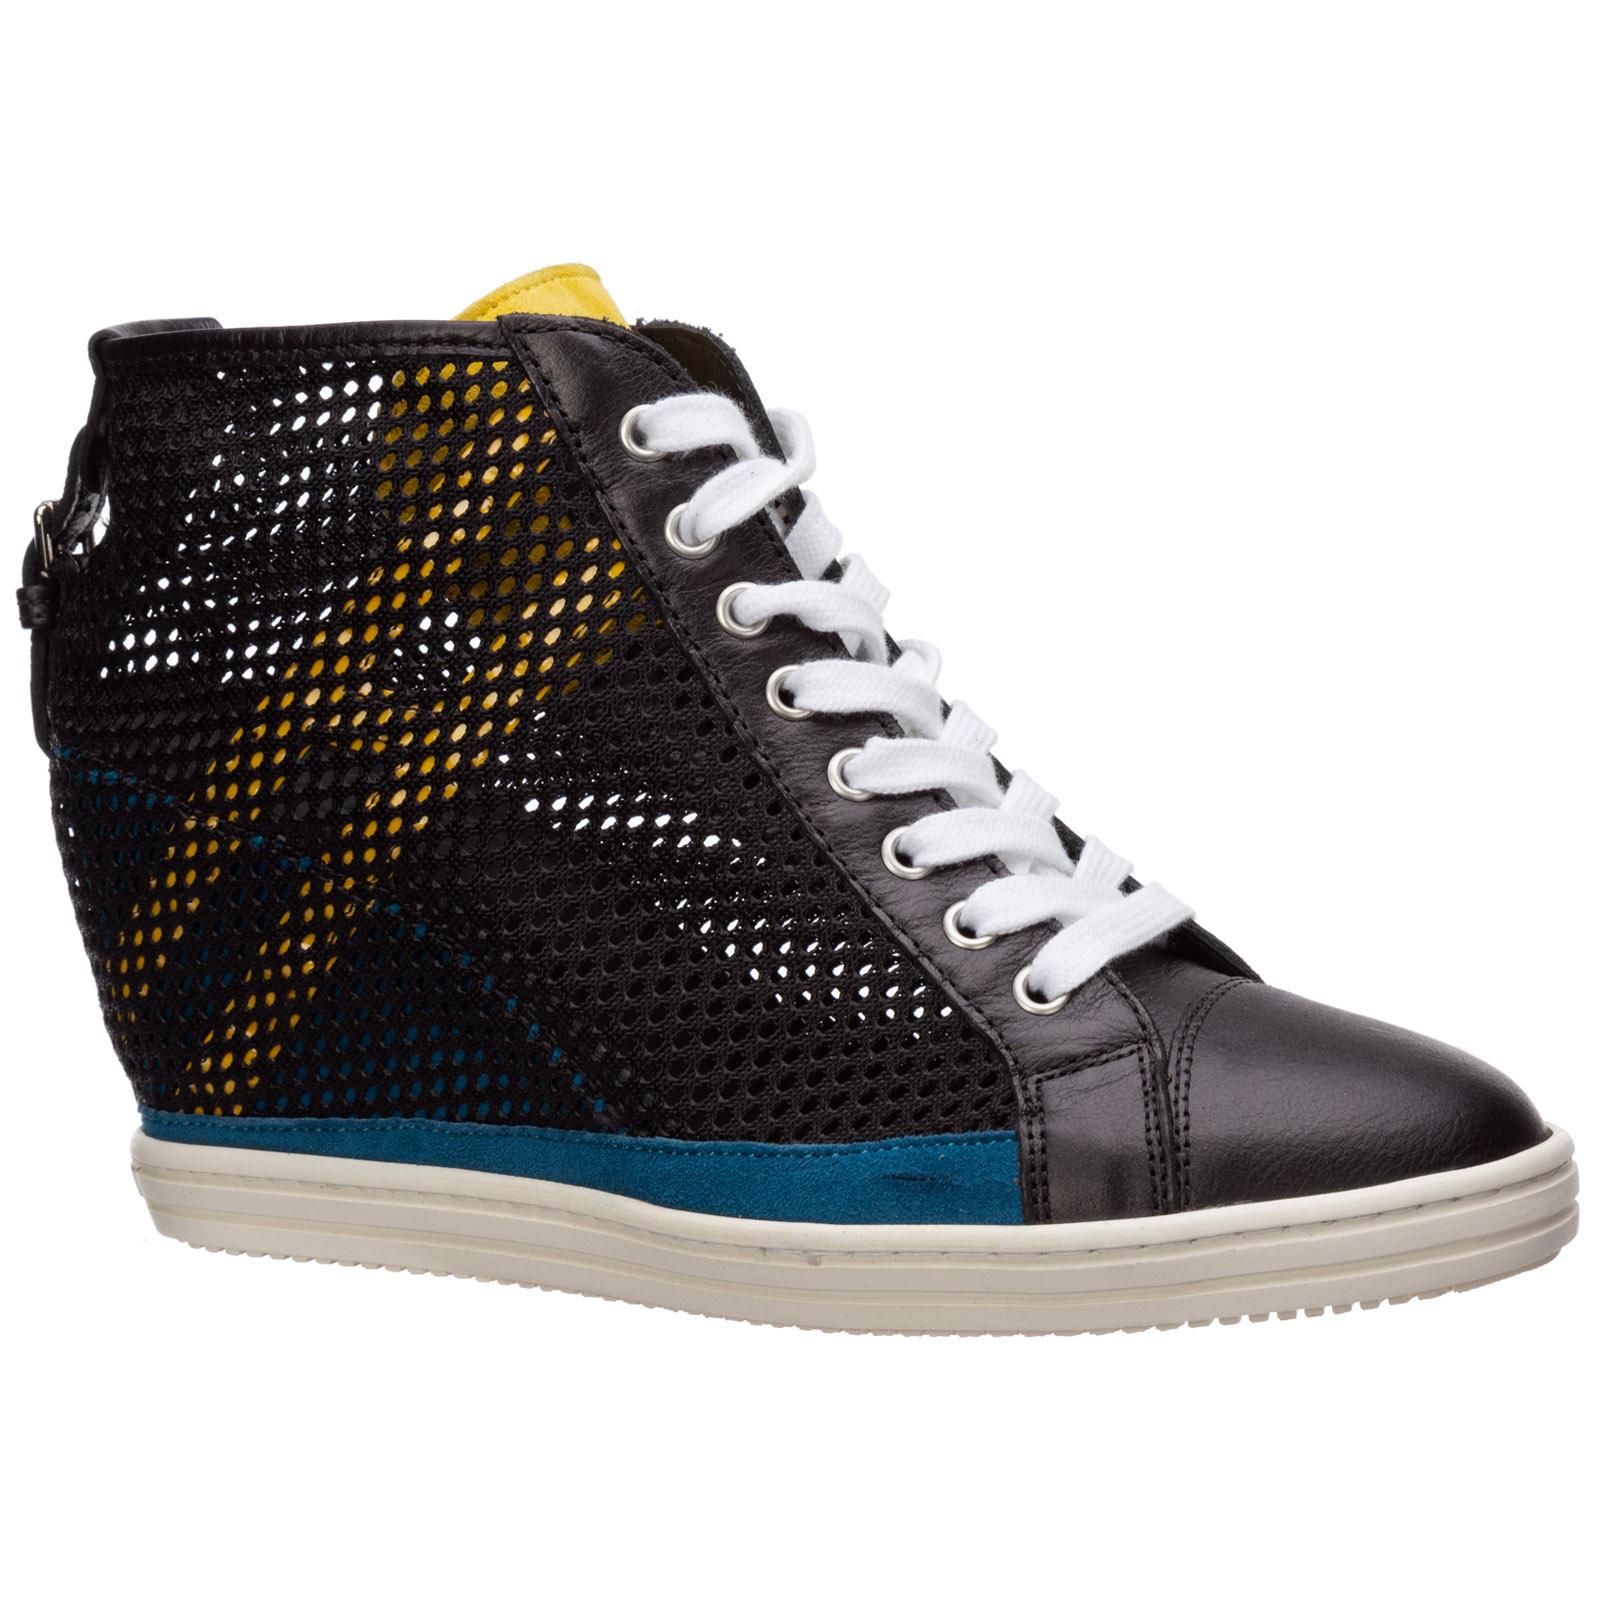 Scarpe sneakers alte donna r199